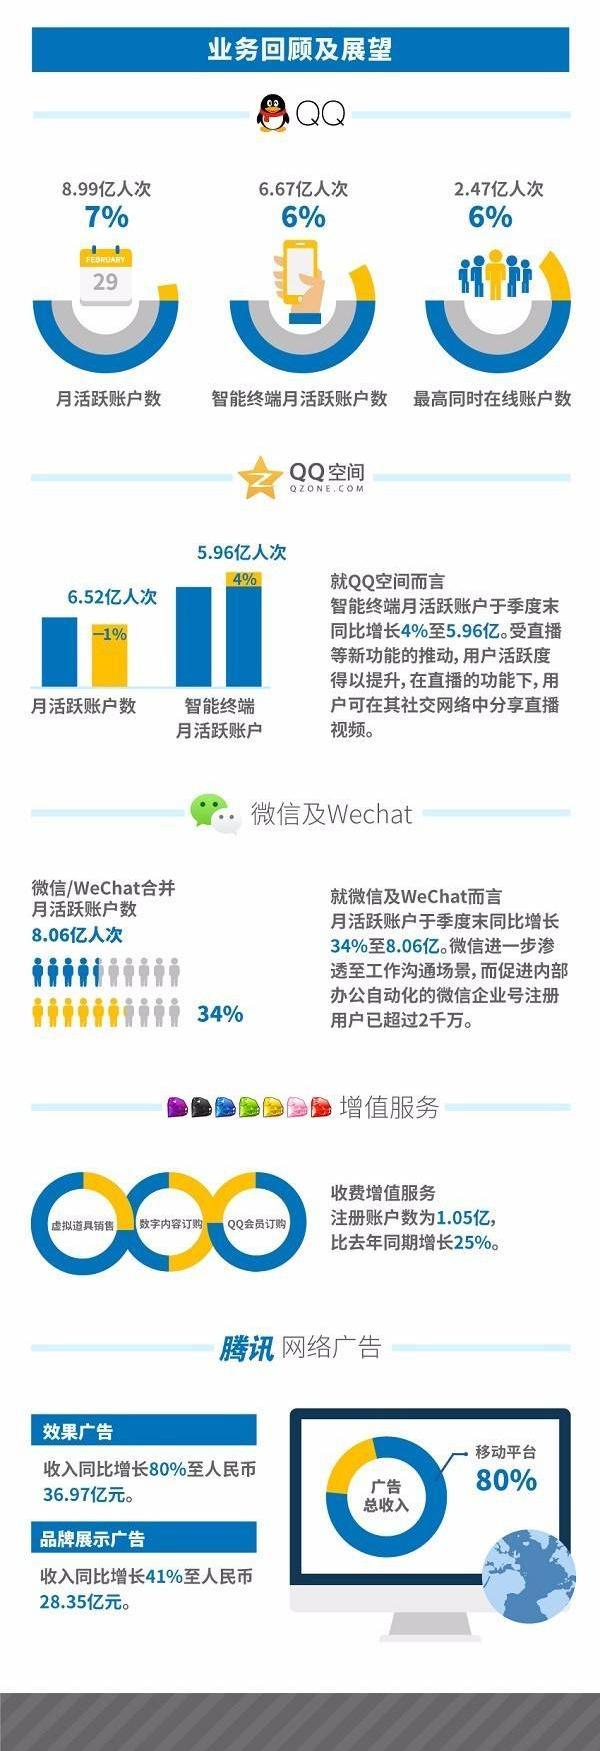 一张图读懂腾讯q2财报:网游收入171.24亿元